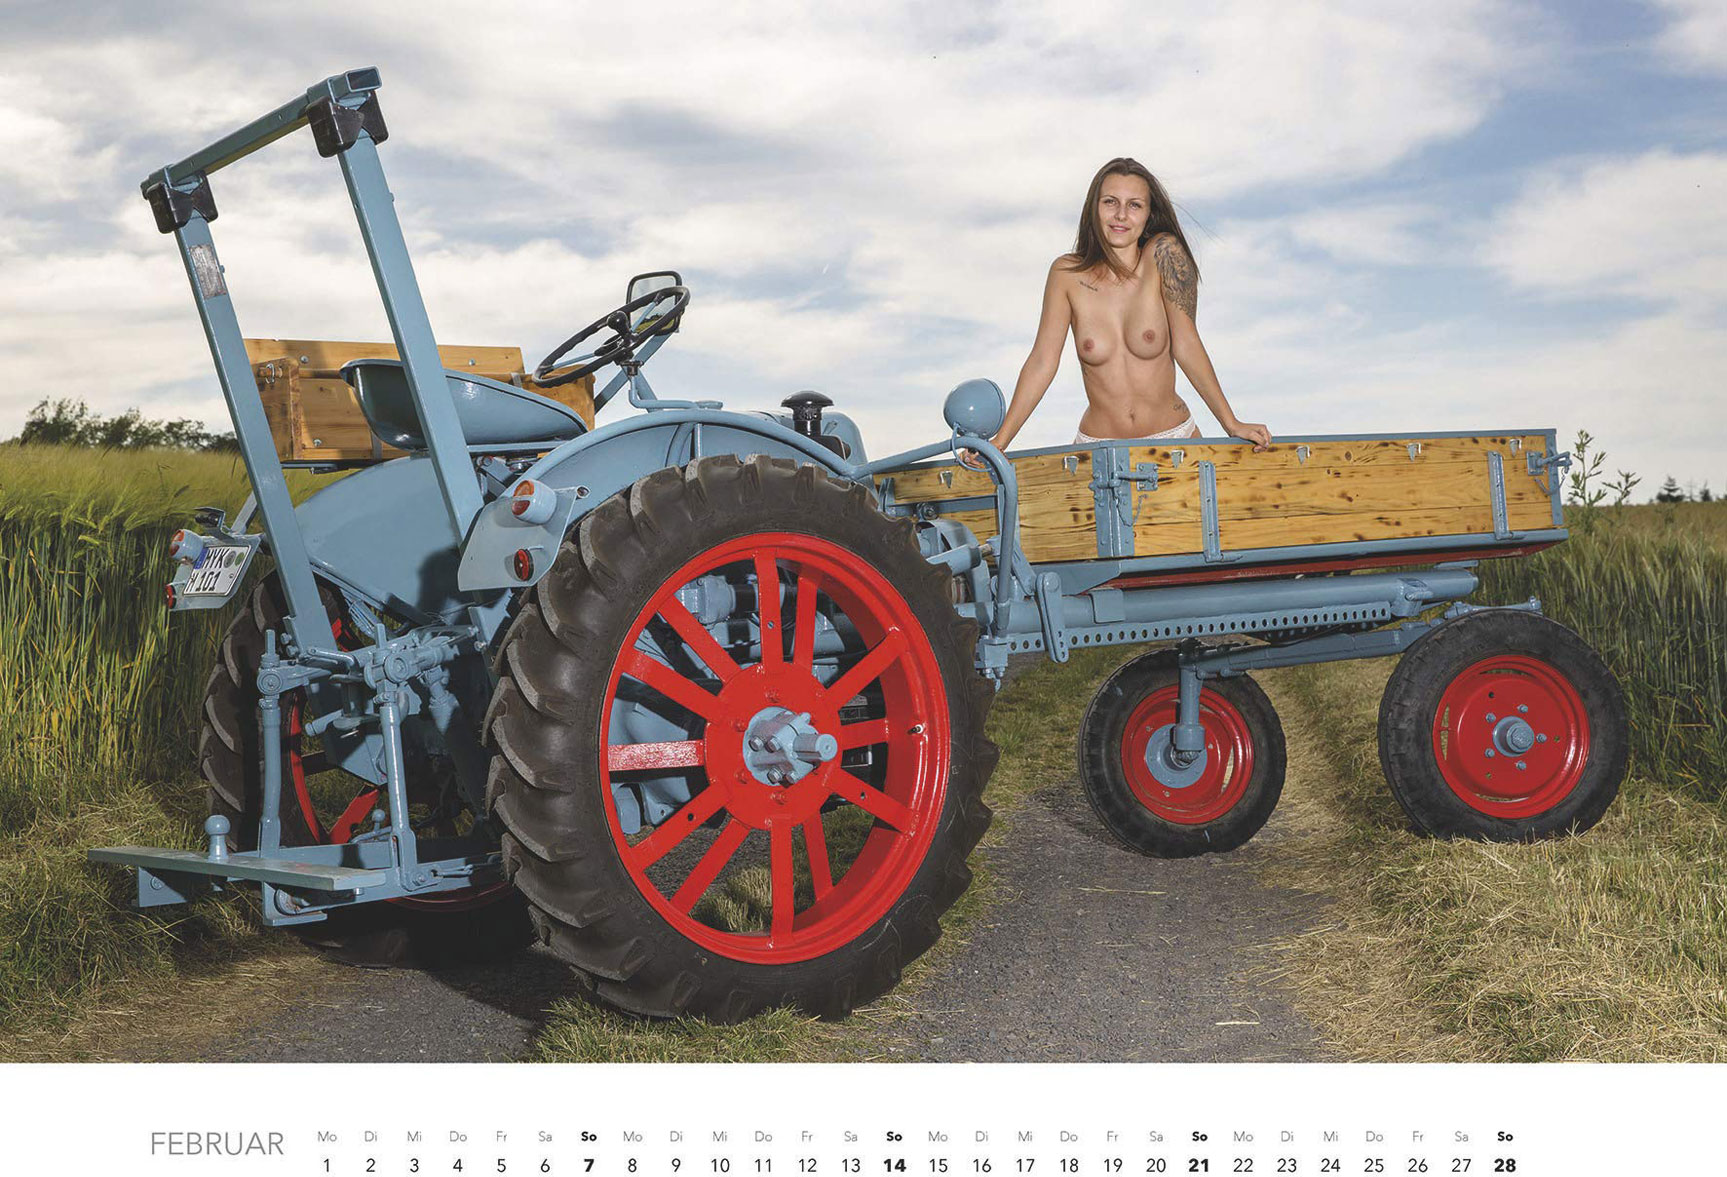 Эротический календарь -Мечты молодых фермеров 2021- / февраль